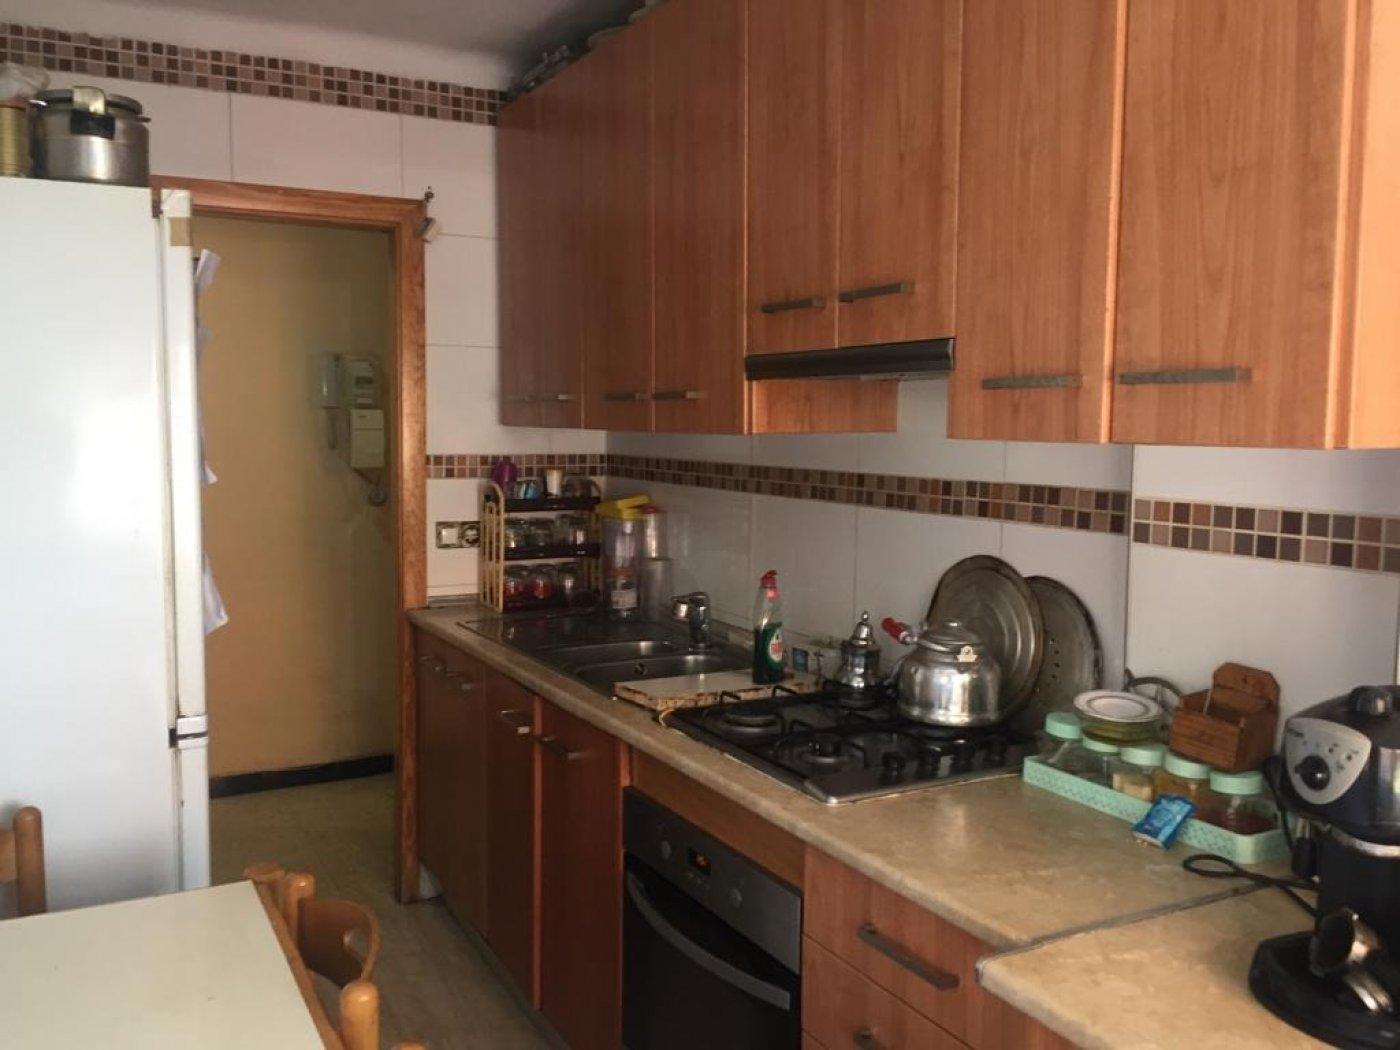 Flat for sale in Son Gotleu, Palma de Mallorca